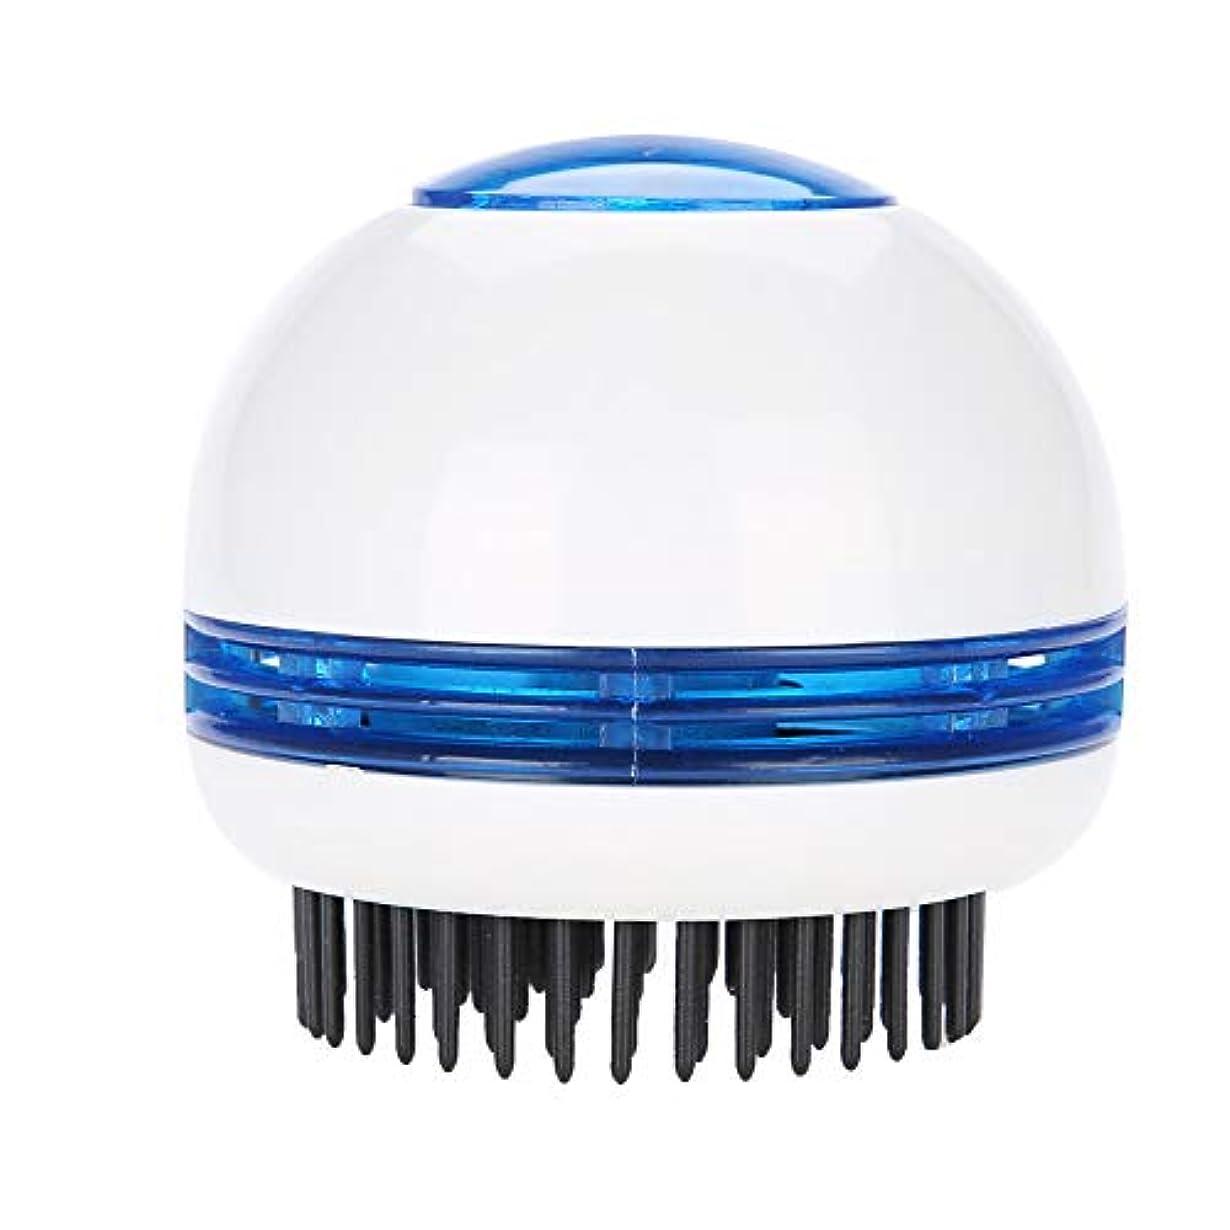 つば北米クラシックヘッドマッサージャー、電気式 頭皮マッサージ シャンプーブラシ防水 静電防止櫛毛髪の成長